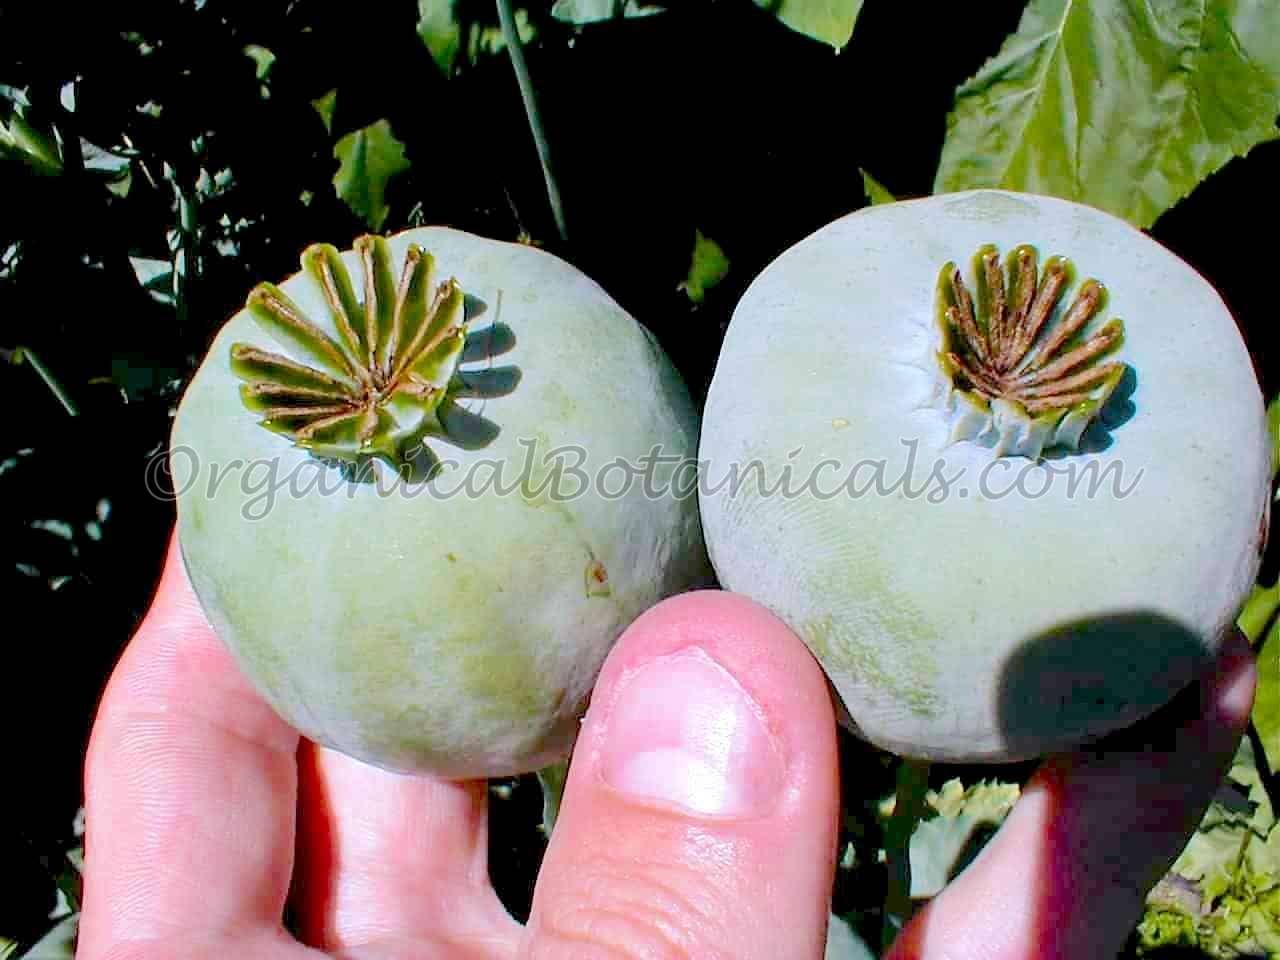 Heirloom White Somniferum Poppy Seed Pods